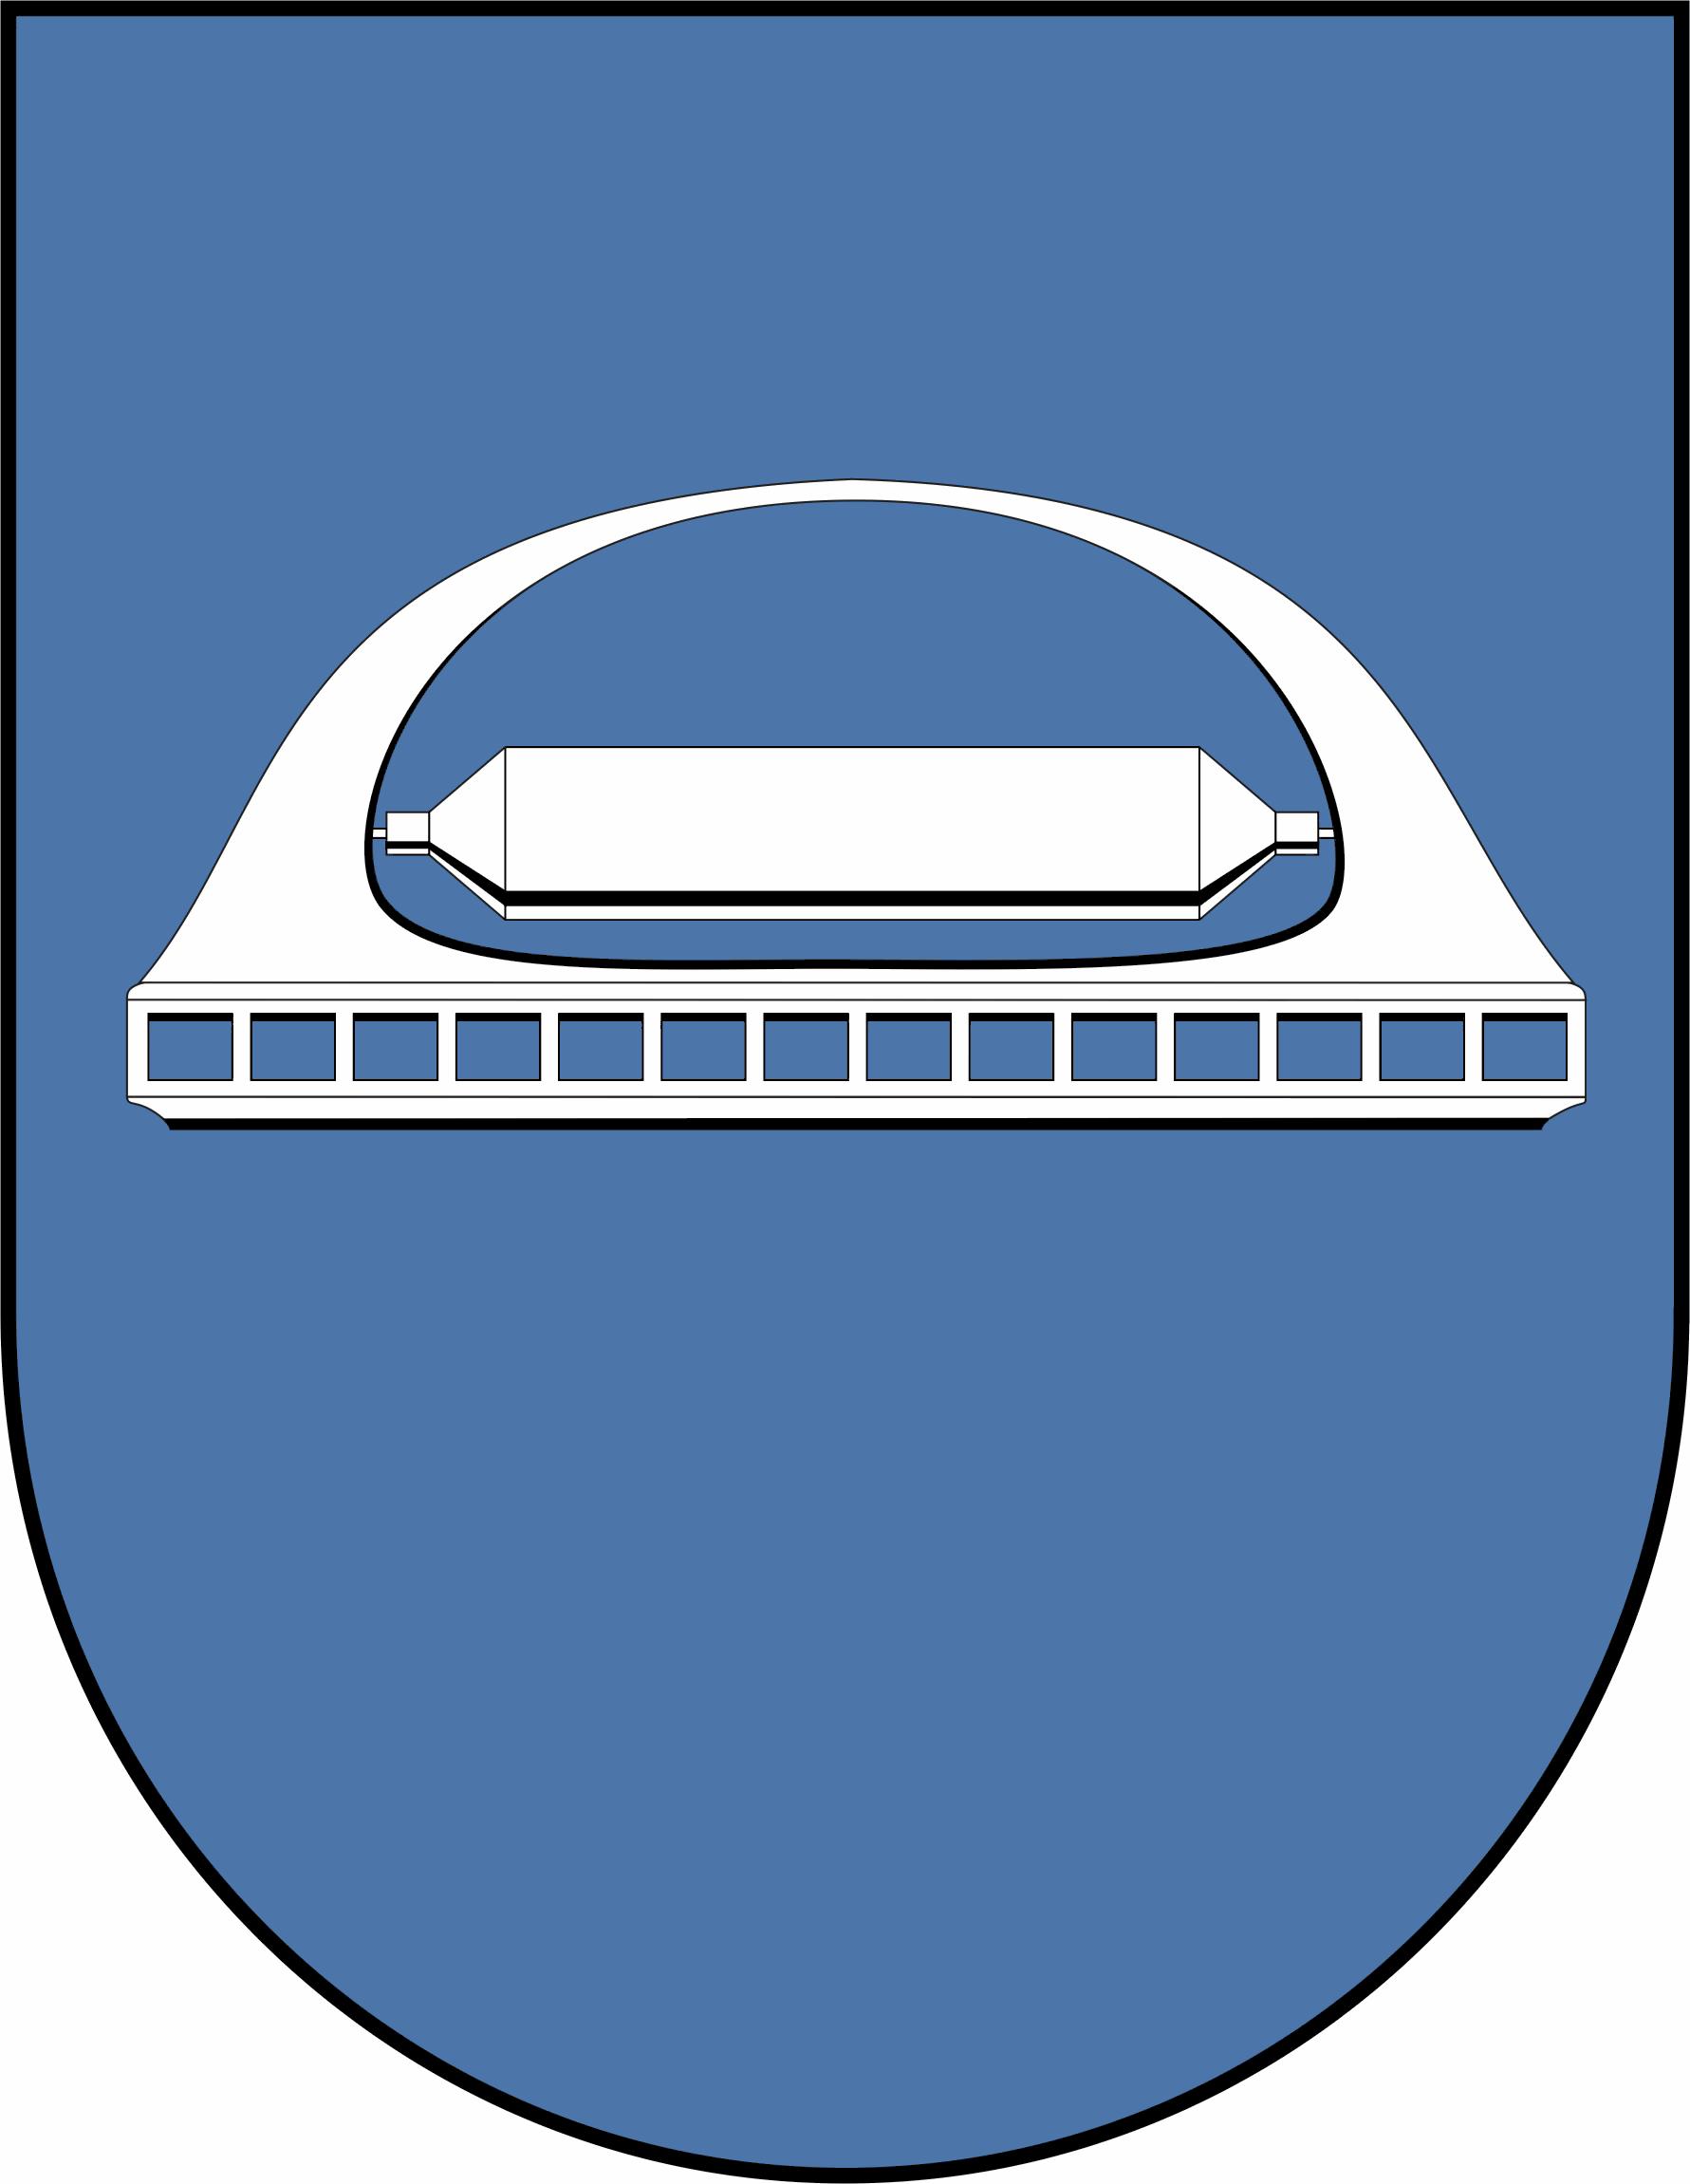 Liste der Wappen im Landkreis Bautzen.